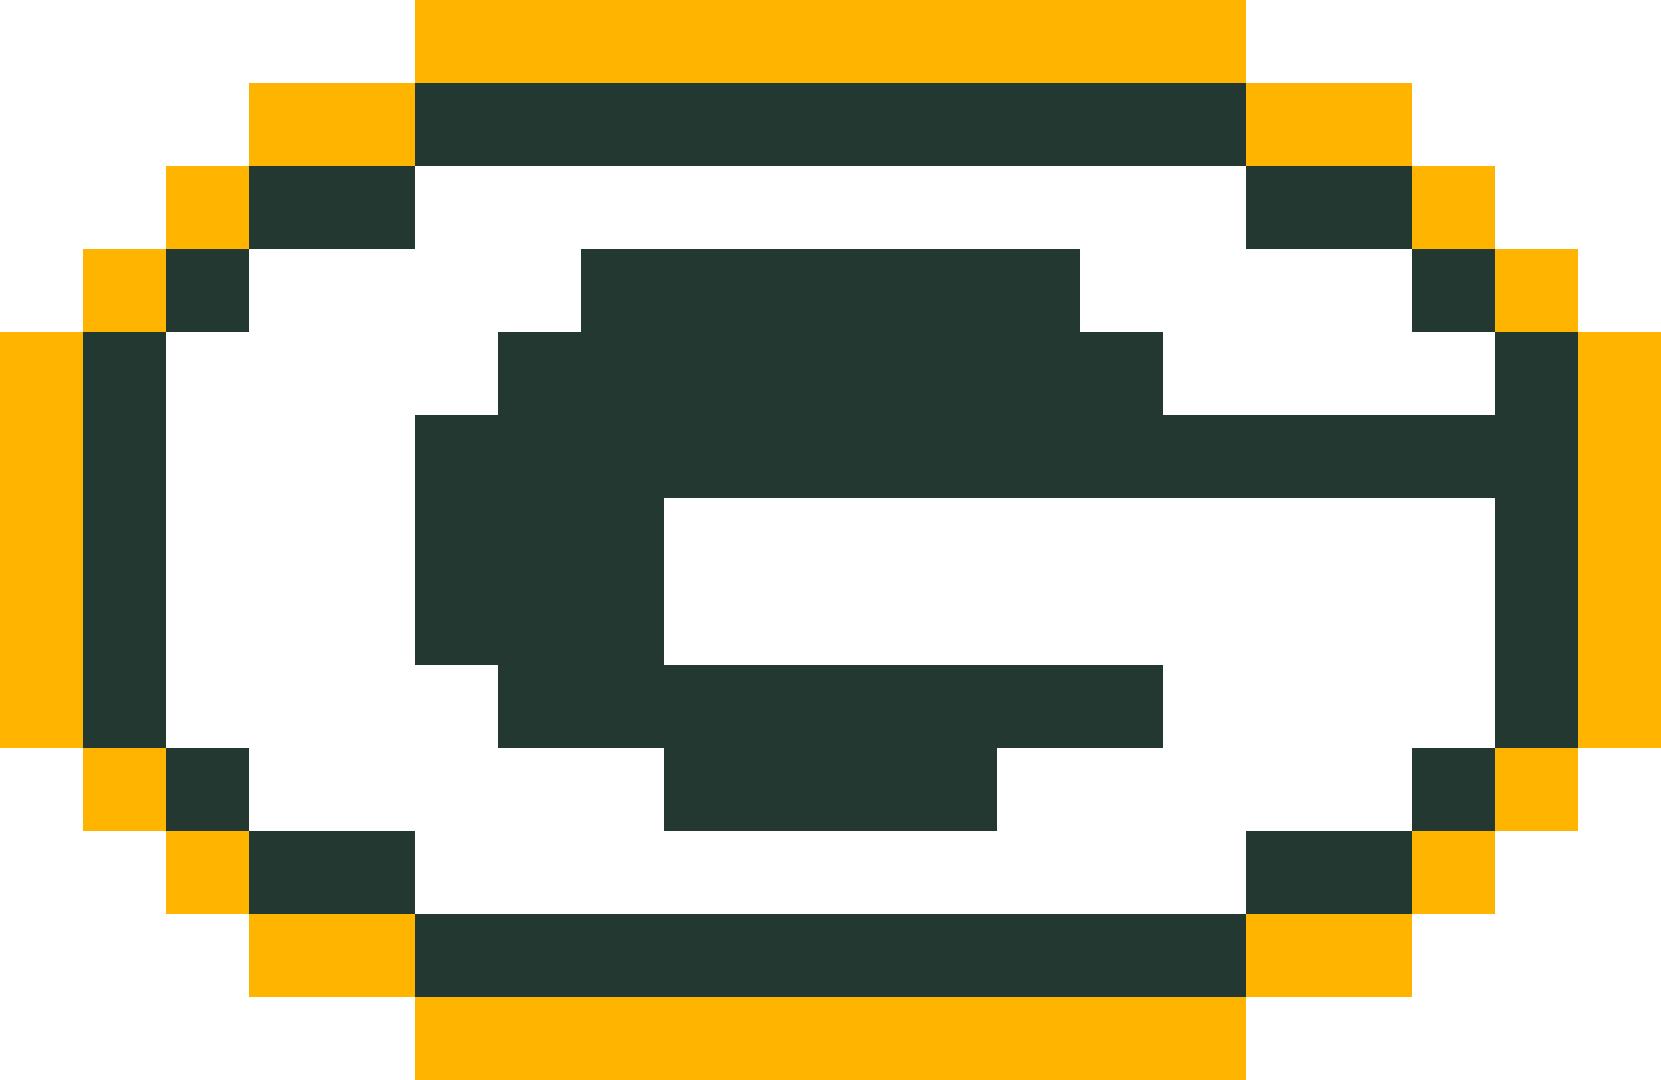 Minecraft Logo Drawing | Free download best Minecraft Logo